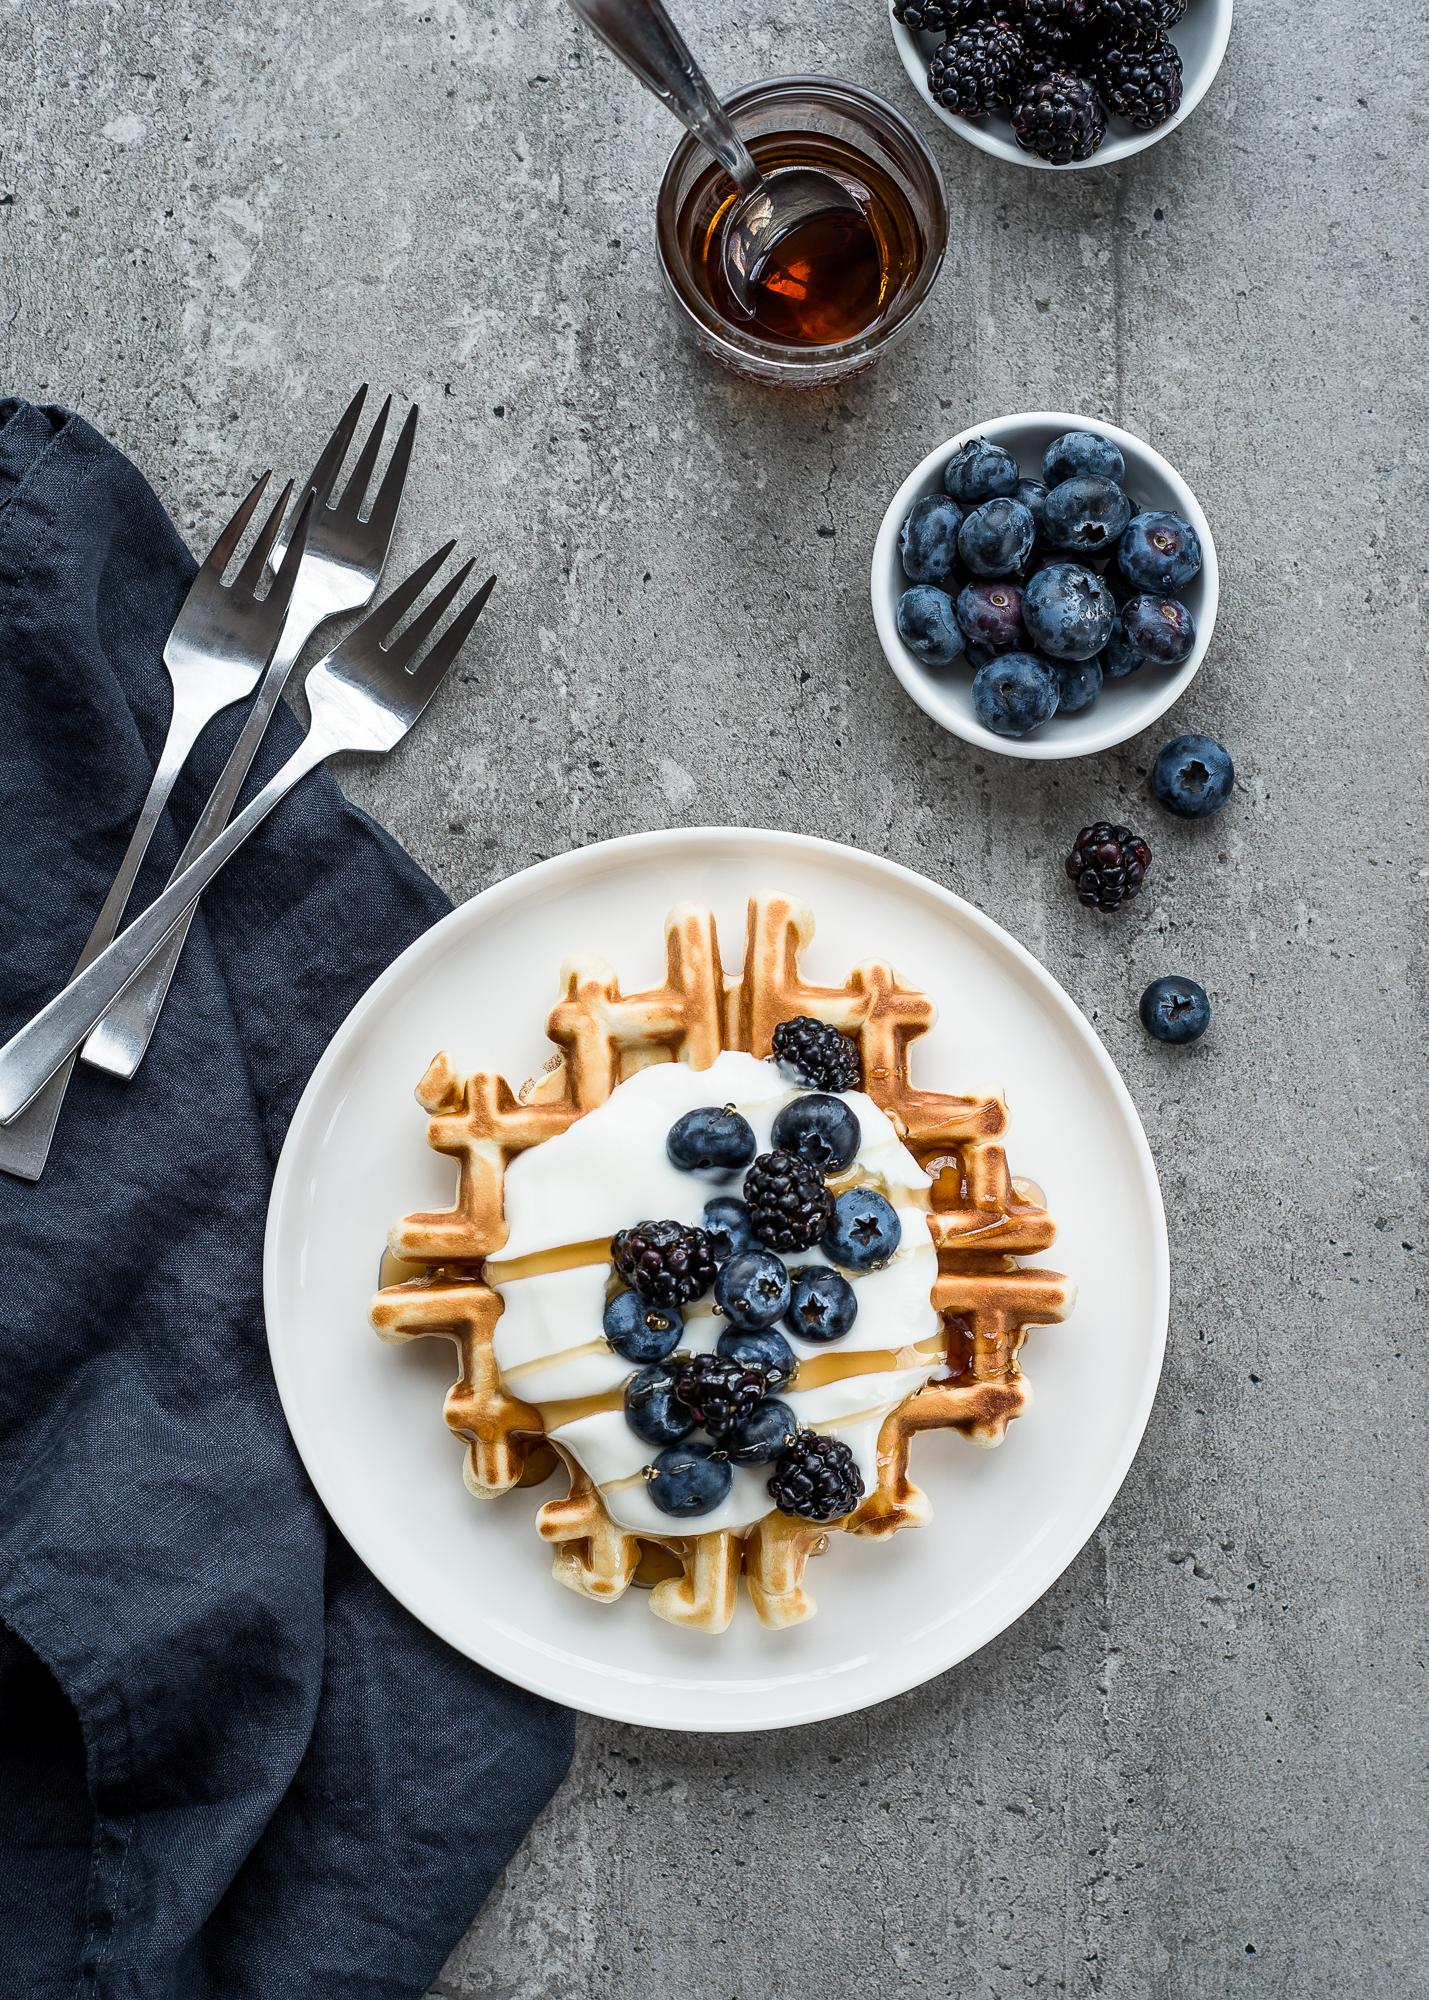 Belgian_Waffles-Jany_Tremblay-1.jpg